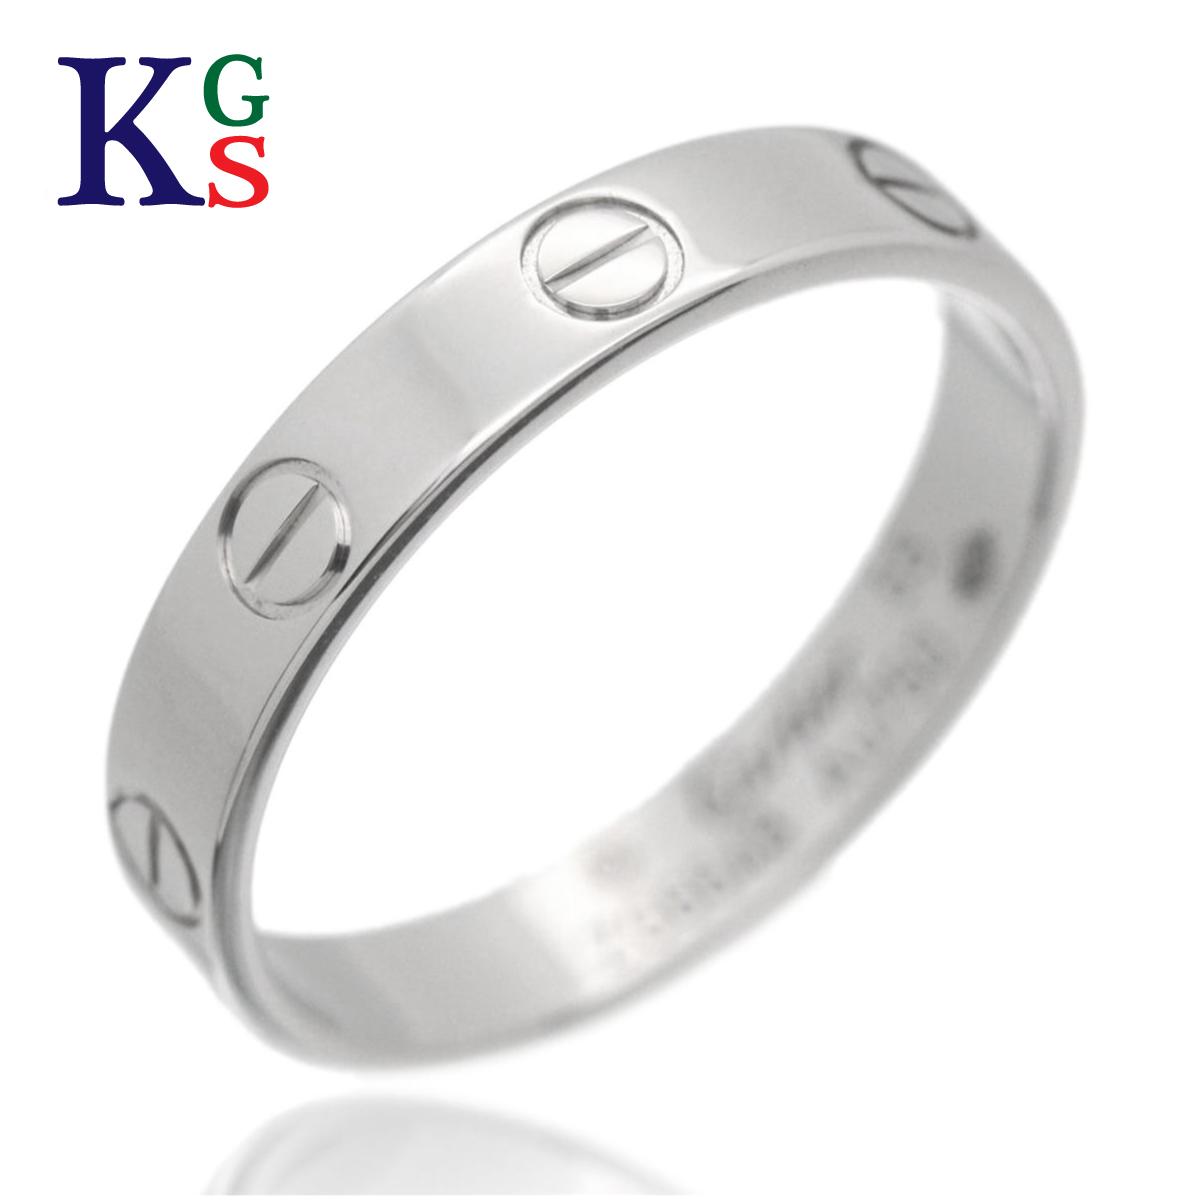 【ギフト品質】【名入れ】【4号-23号】カルティエ/Cartier / ミニラブリング / レディース メンズ ジュエリー 指輪 / K18WG ホワイトゴールド / B4085100